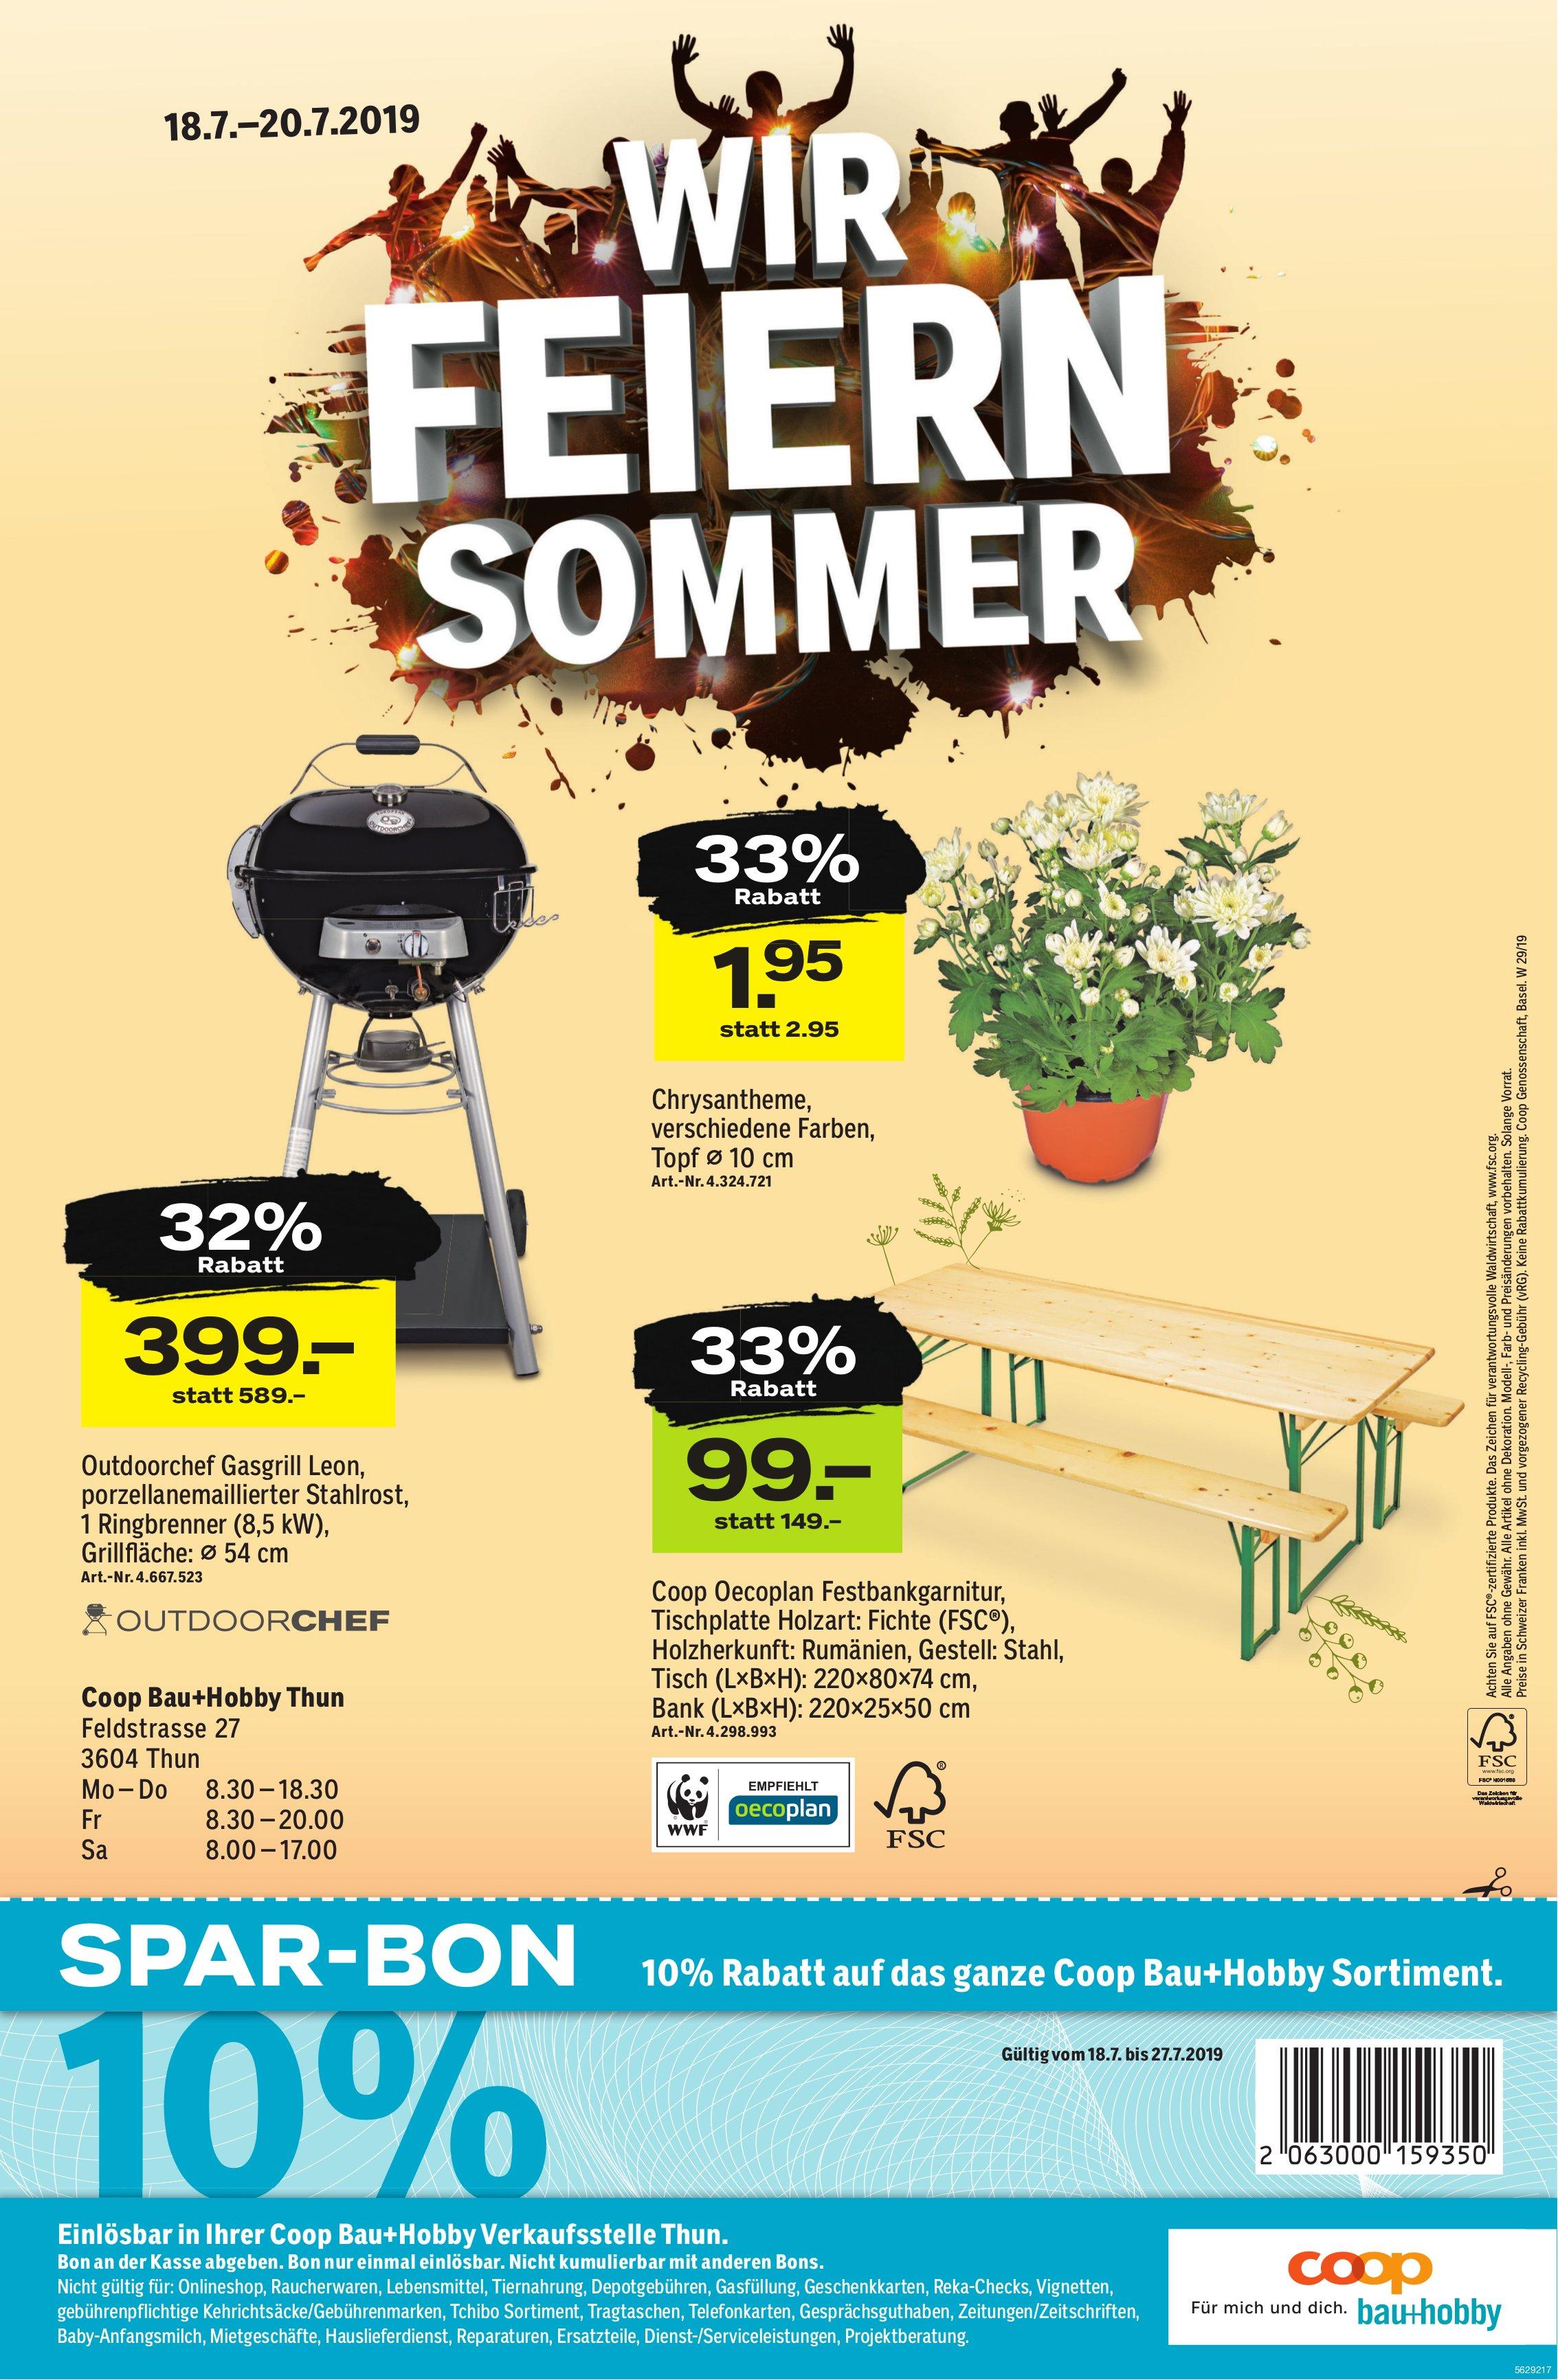 COOP Bau-Hobby, Thun - Wir feiern Sommer, 18. - 20. Juli